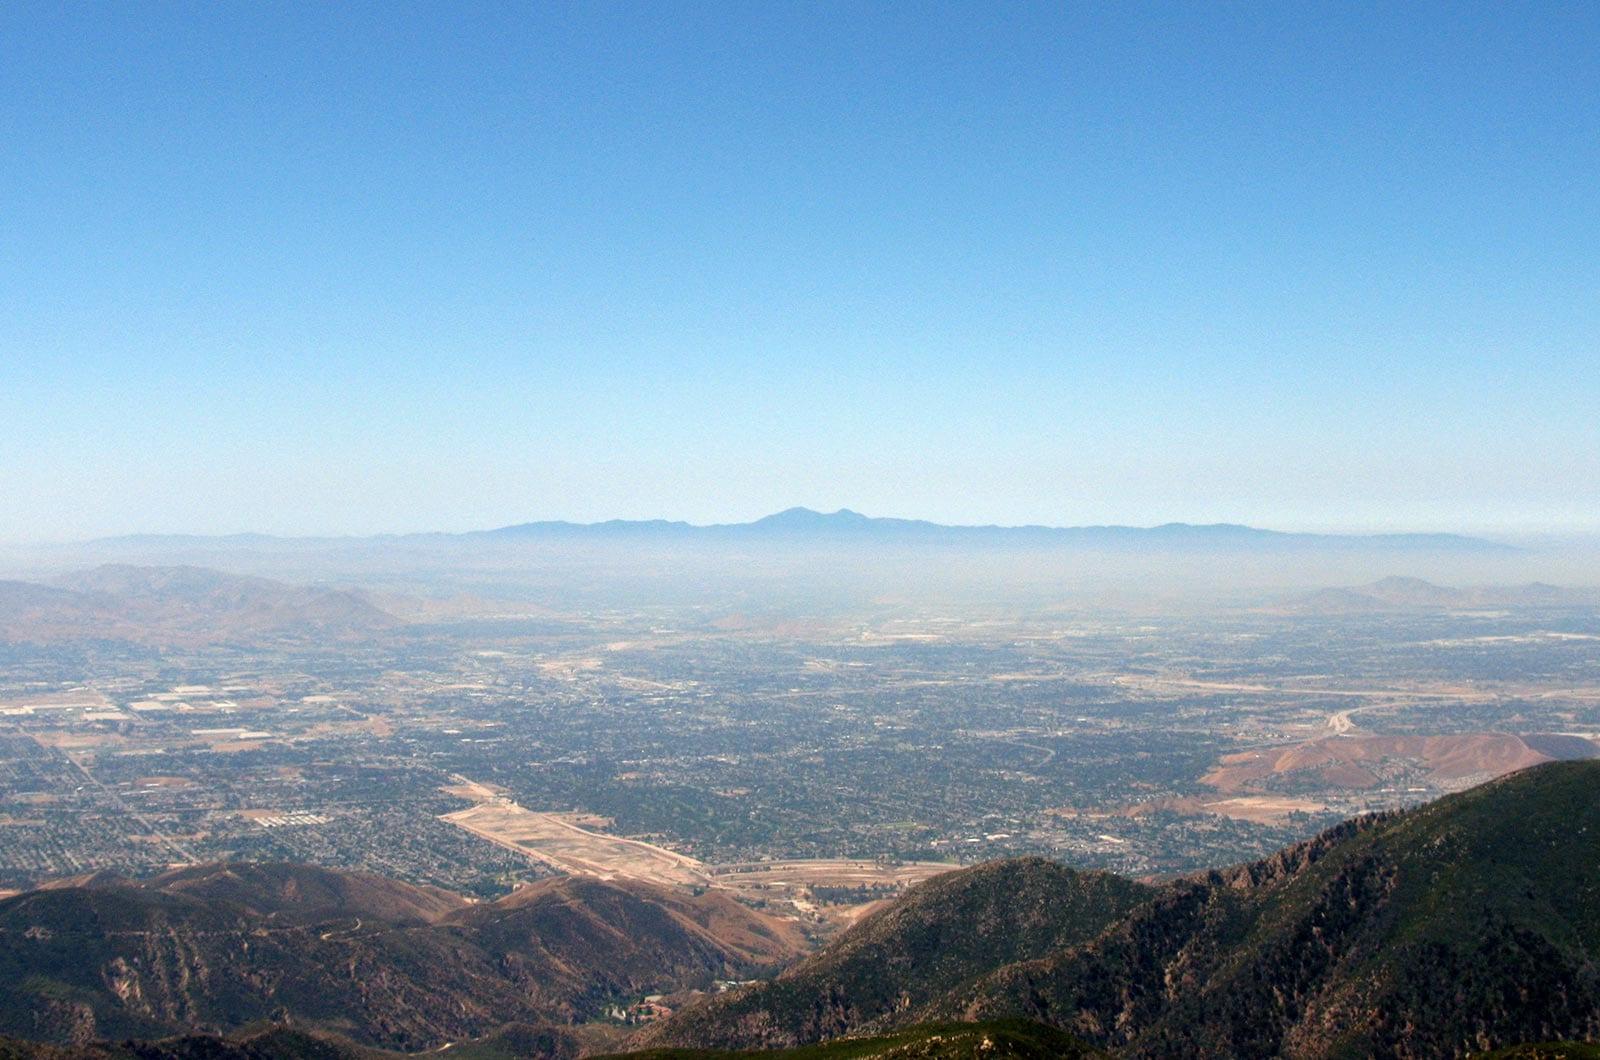 Featured-Image-San-Bernardino | San Bernardino Virtual Tour Photographer | San Bernardino Aerial Photography Services | San Bernardino HDR Real Estate Photographer